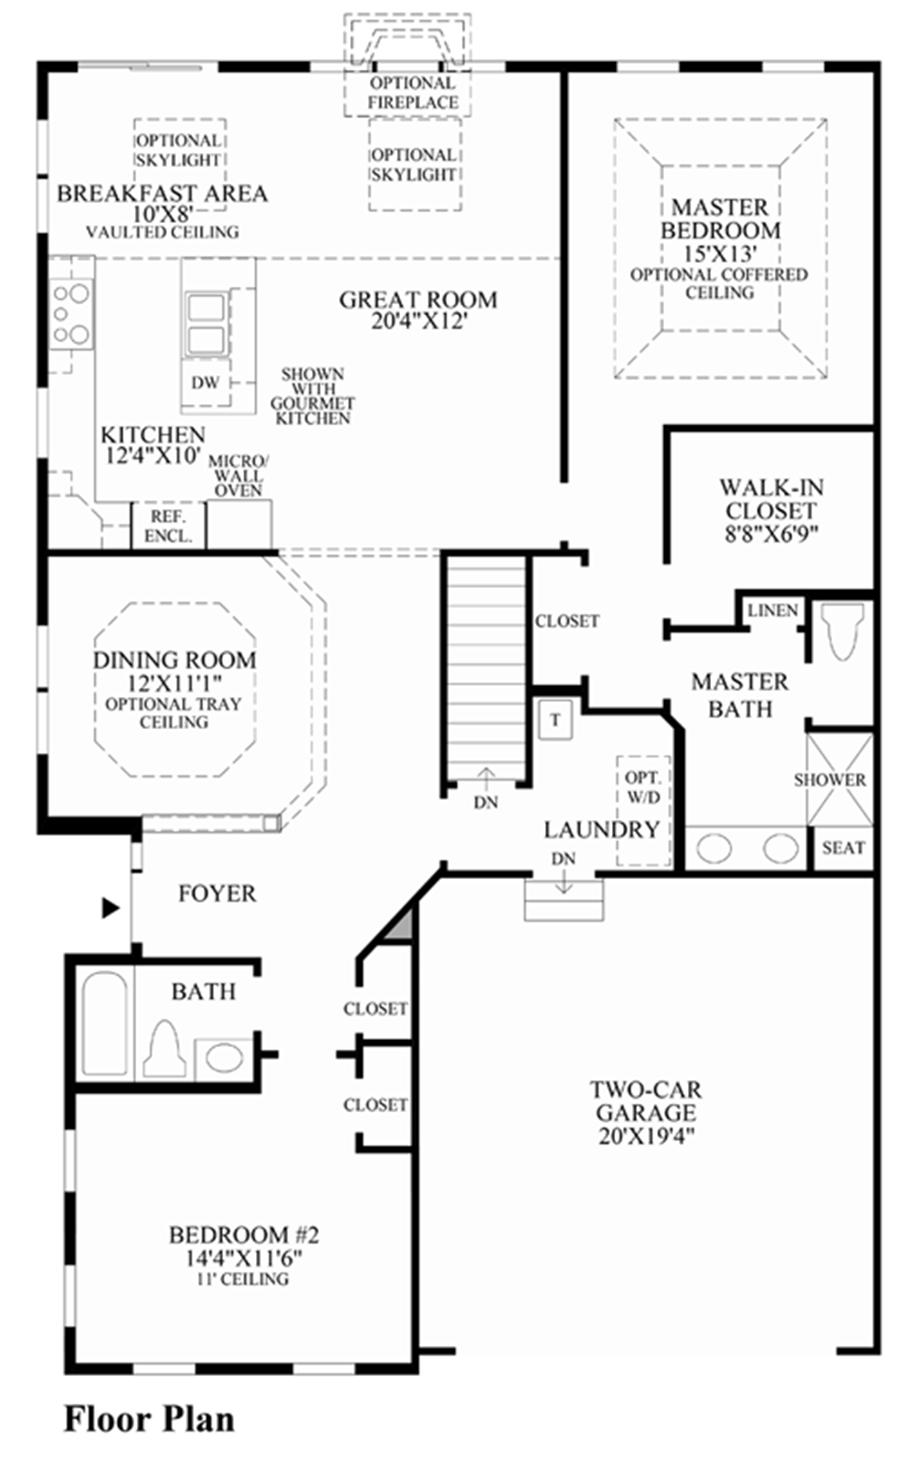 Regency at prospect the kimberton home design for Regency house plans